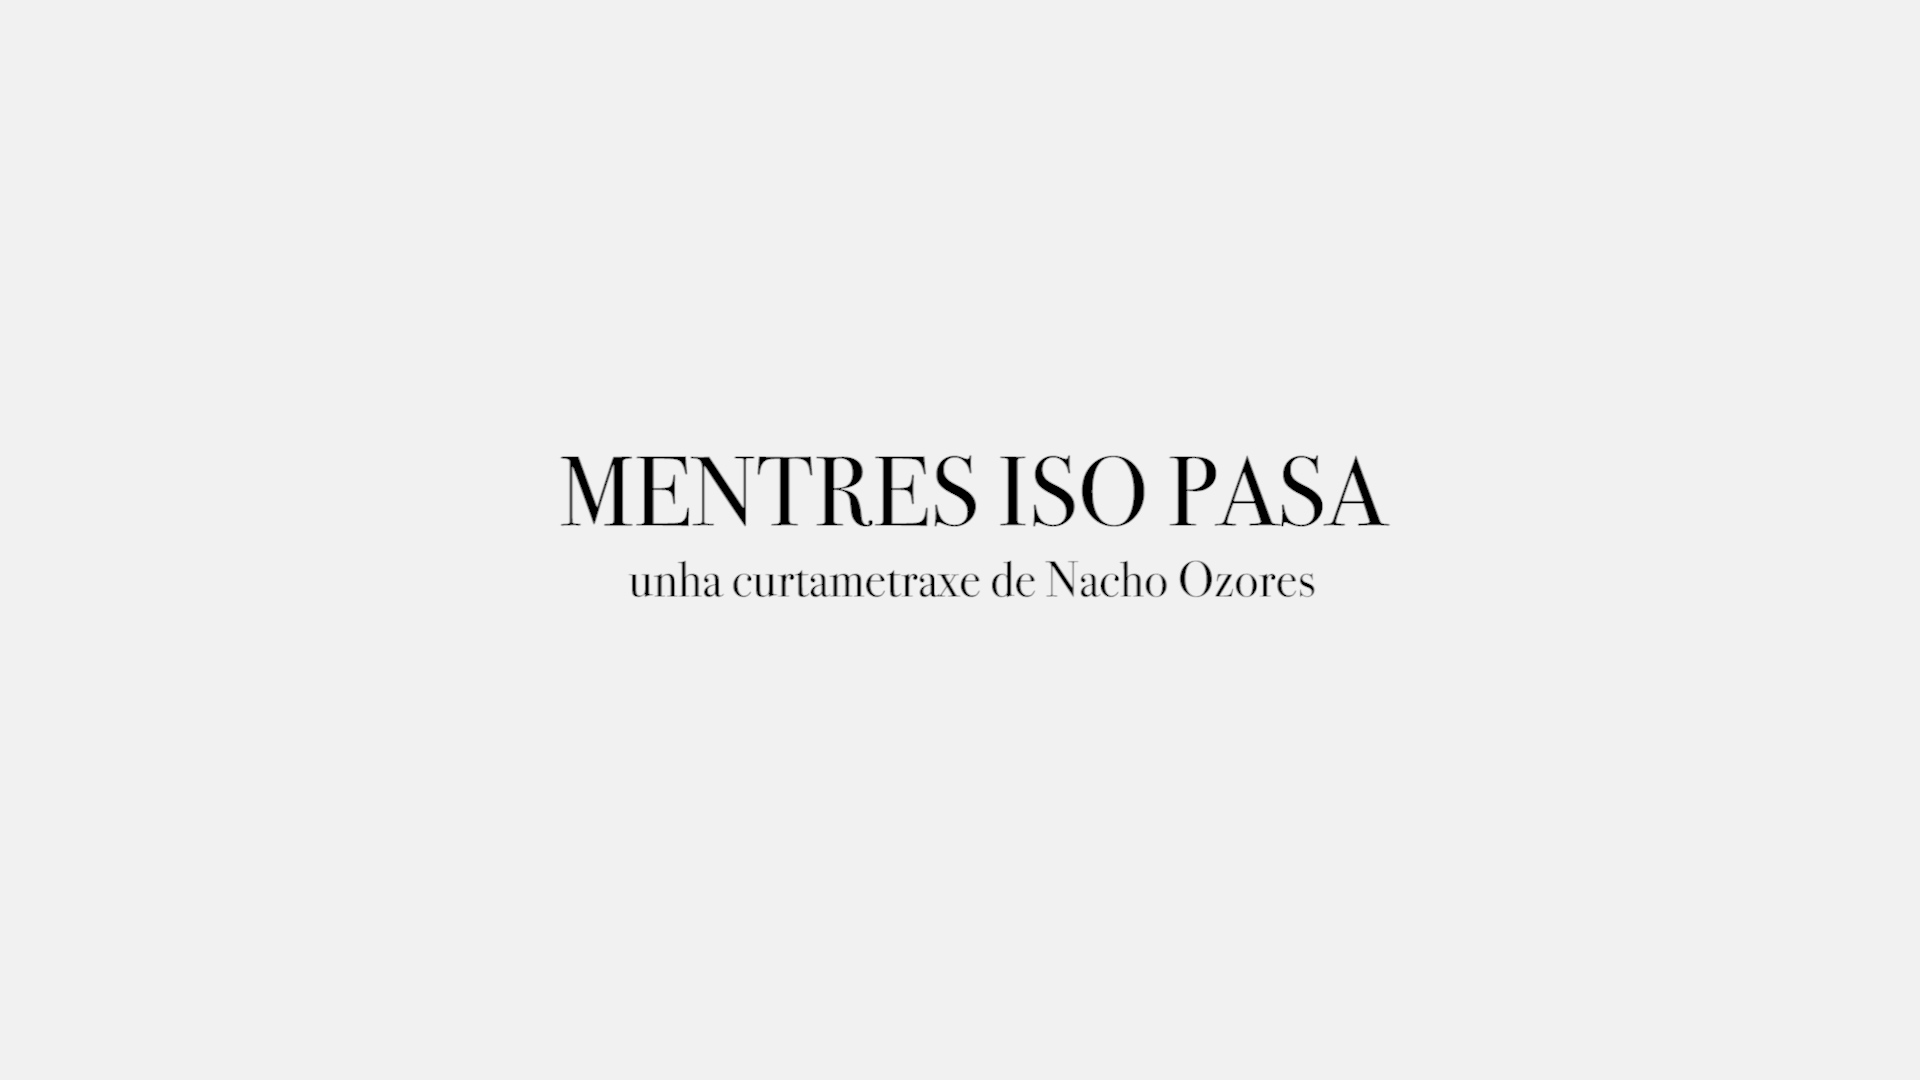 MENTRES ISO PASA